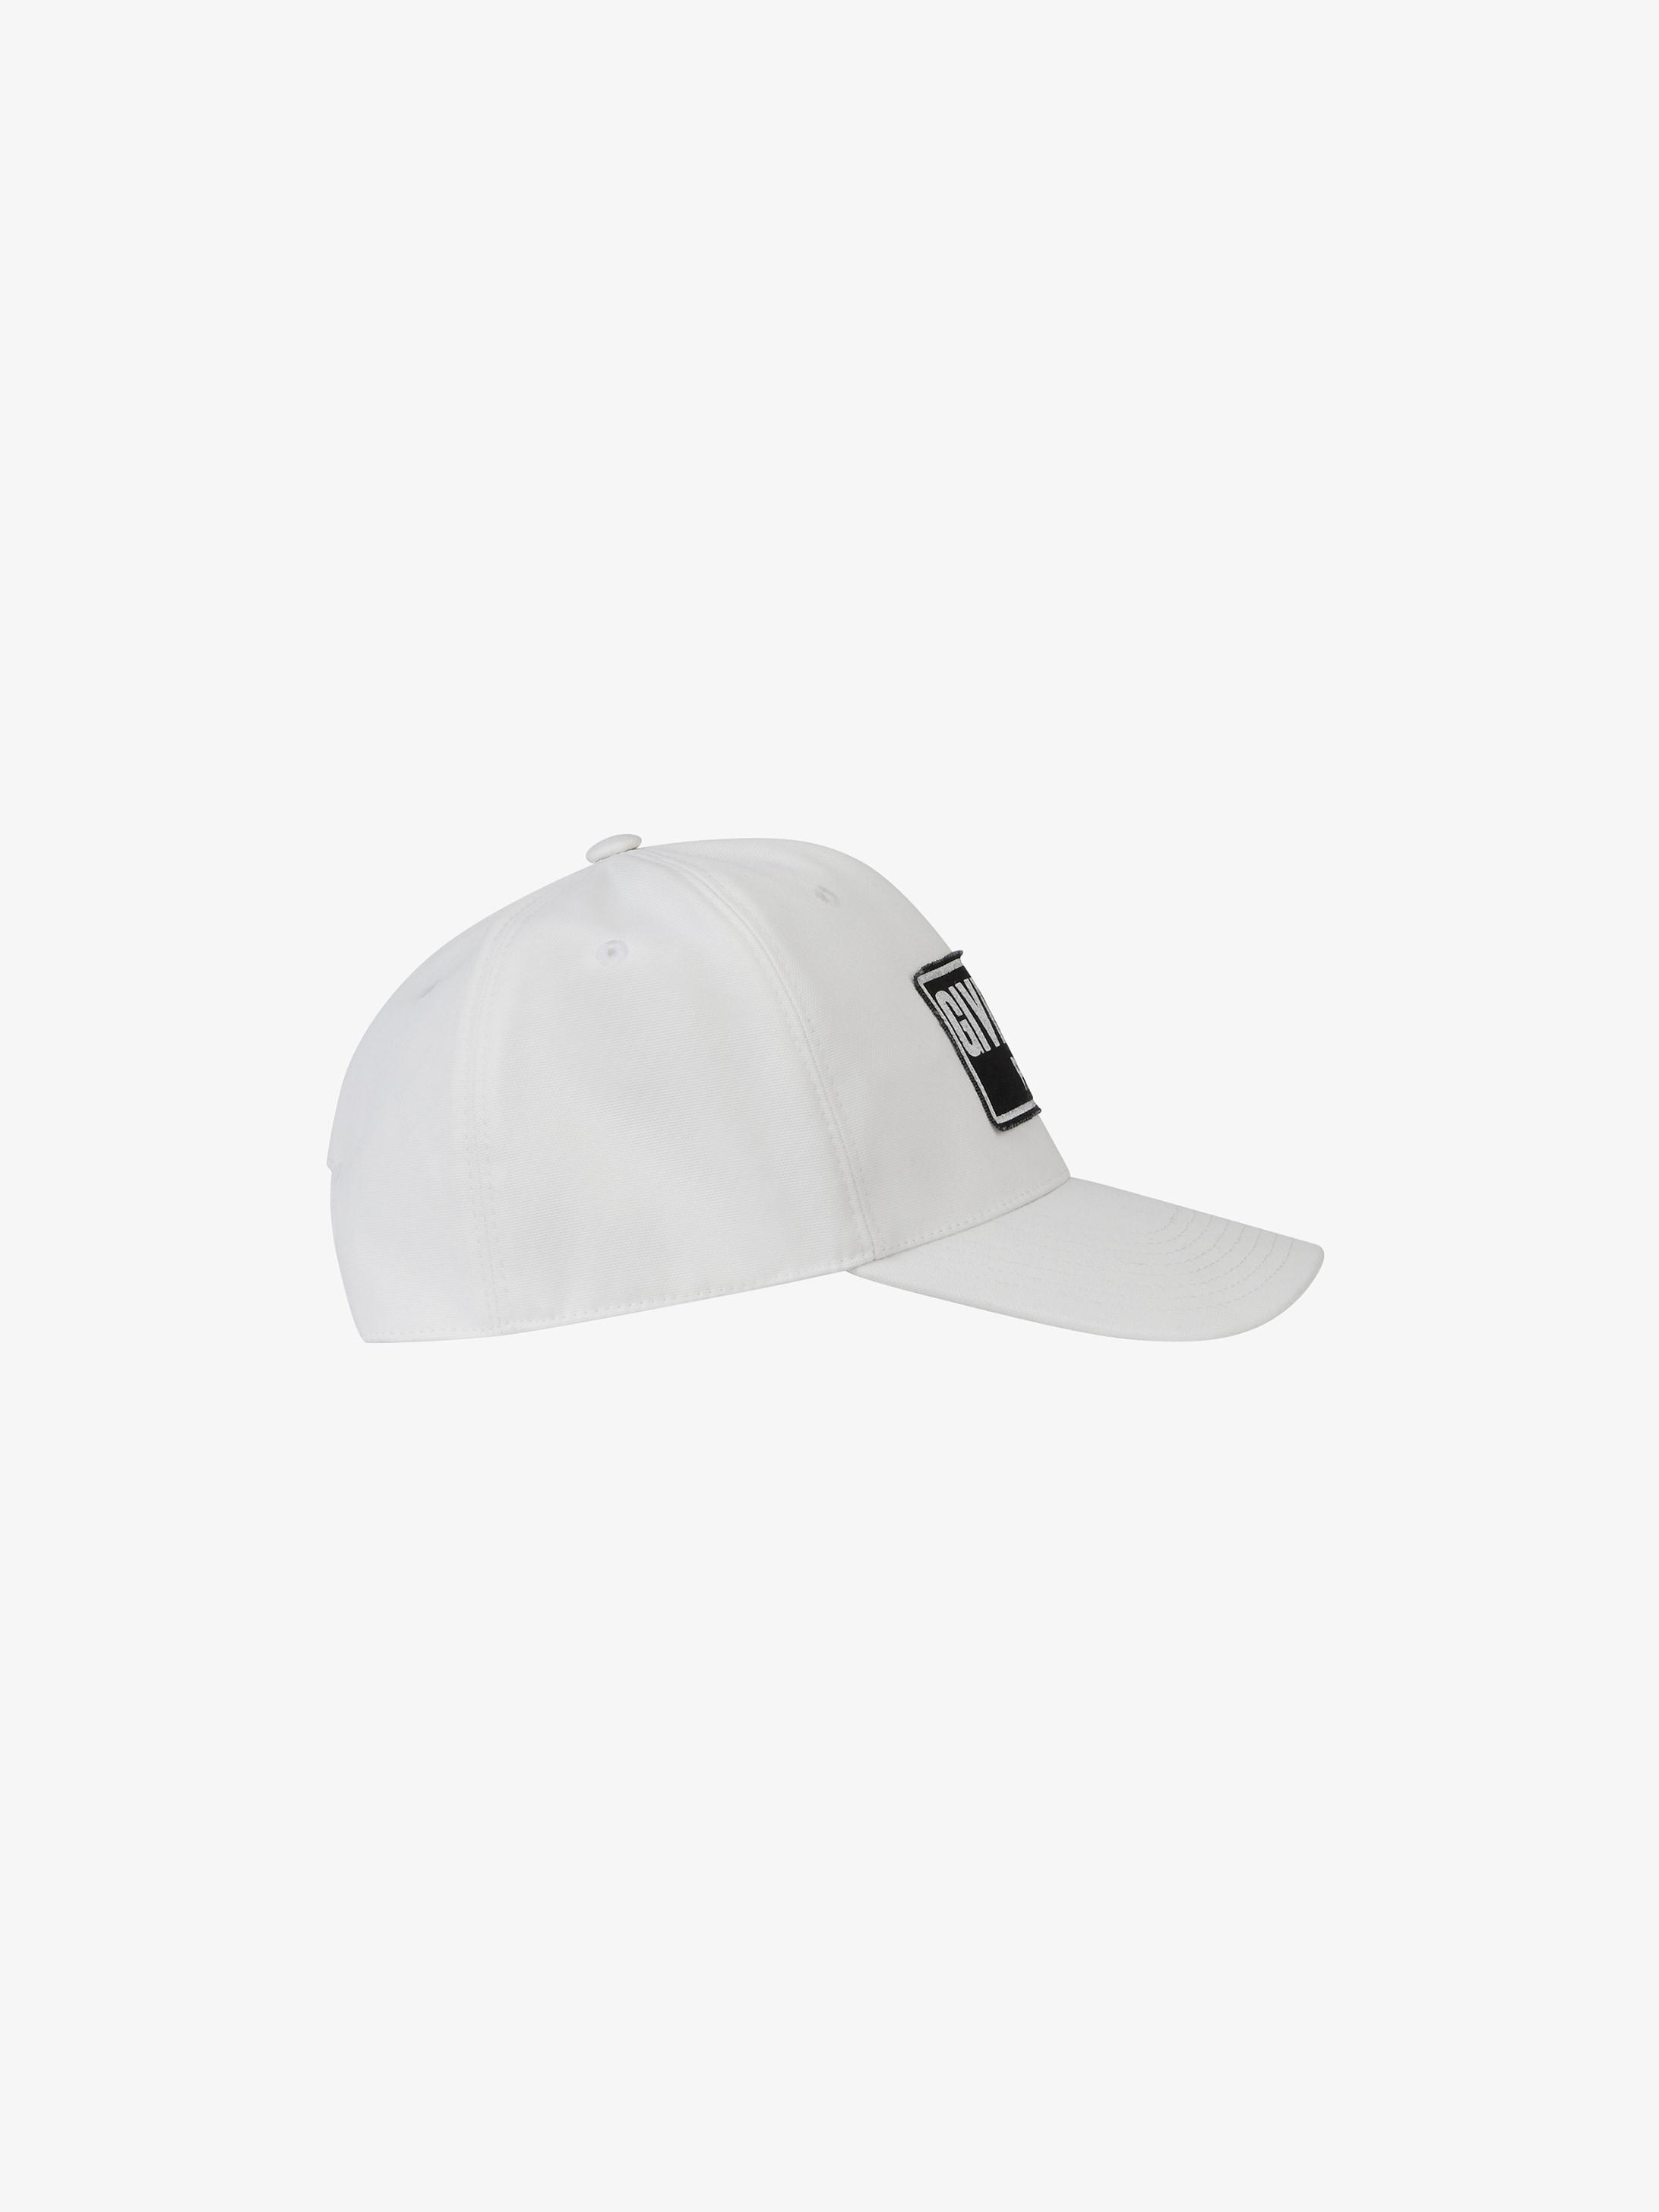 GIVENCHY PARIS patch cap